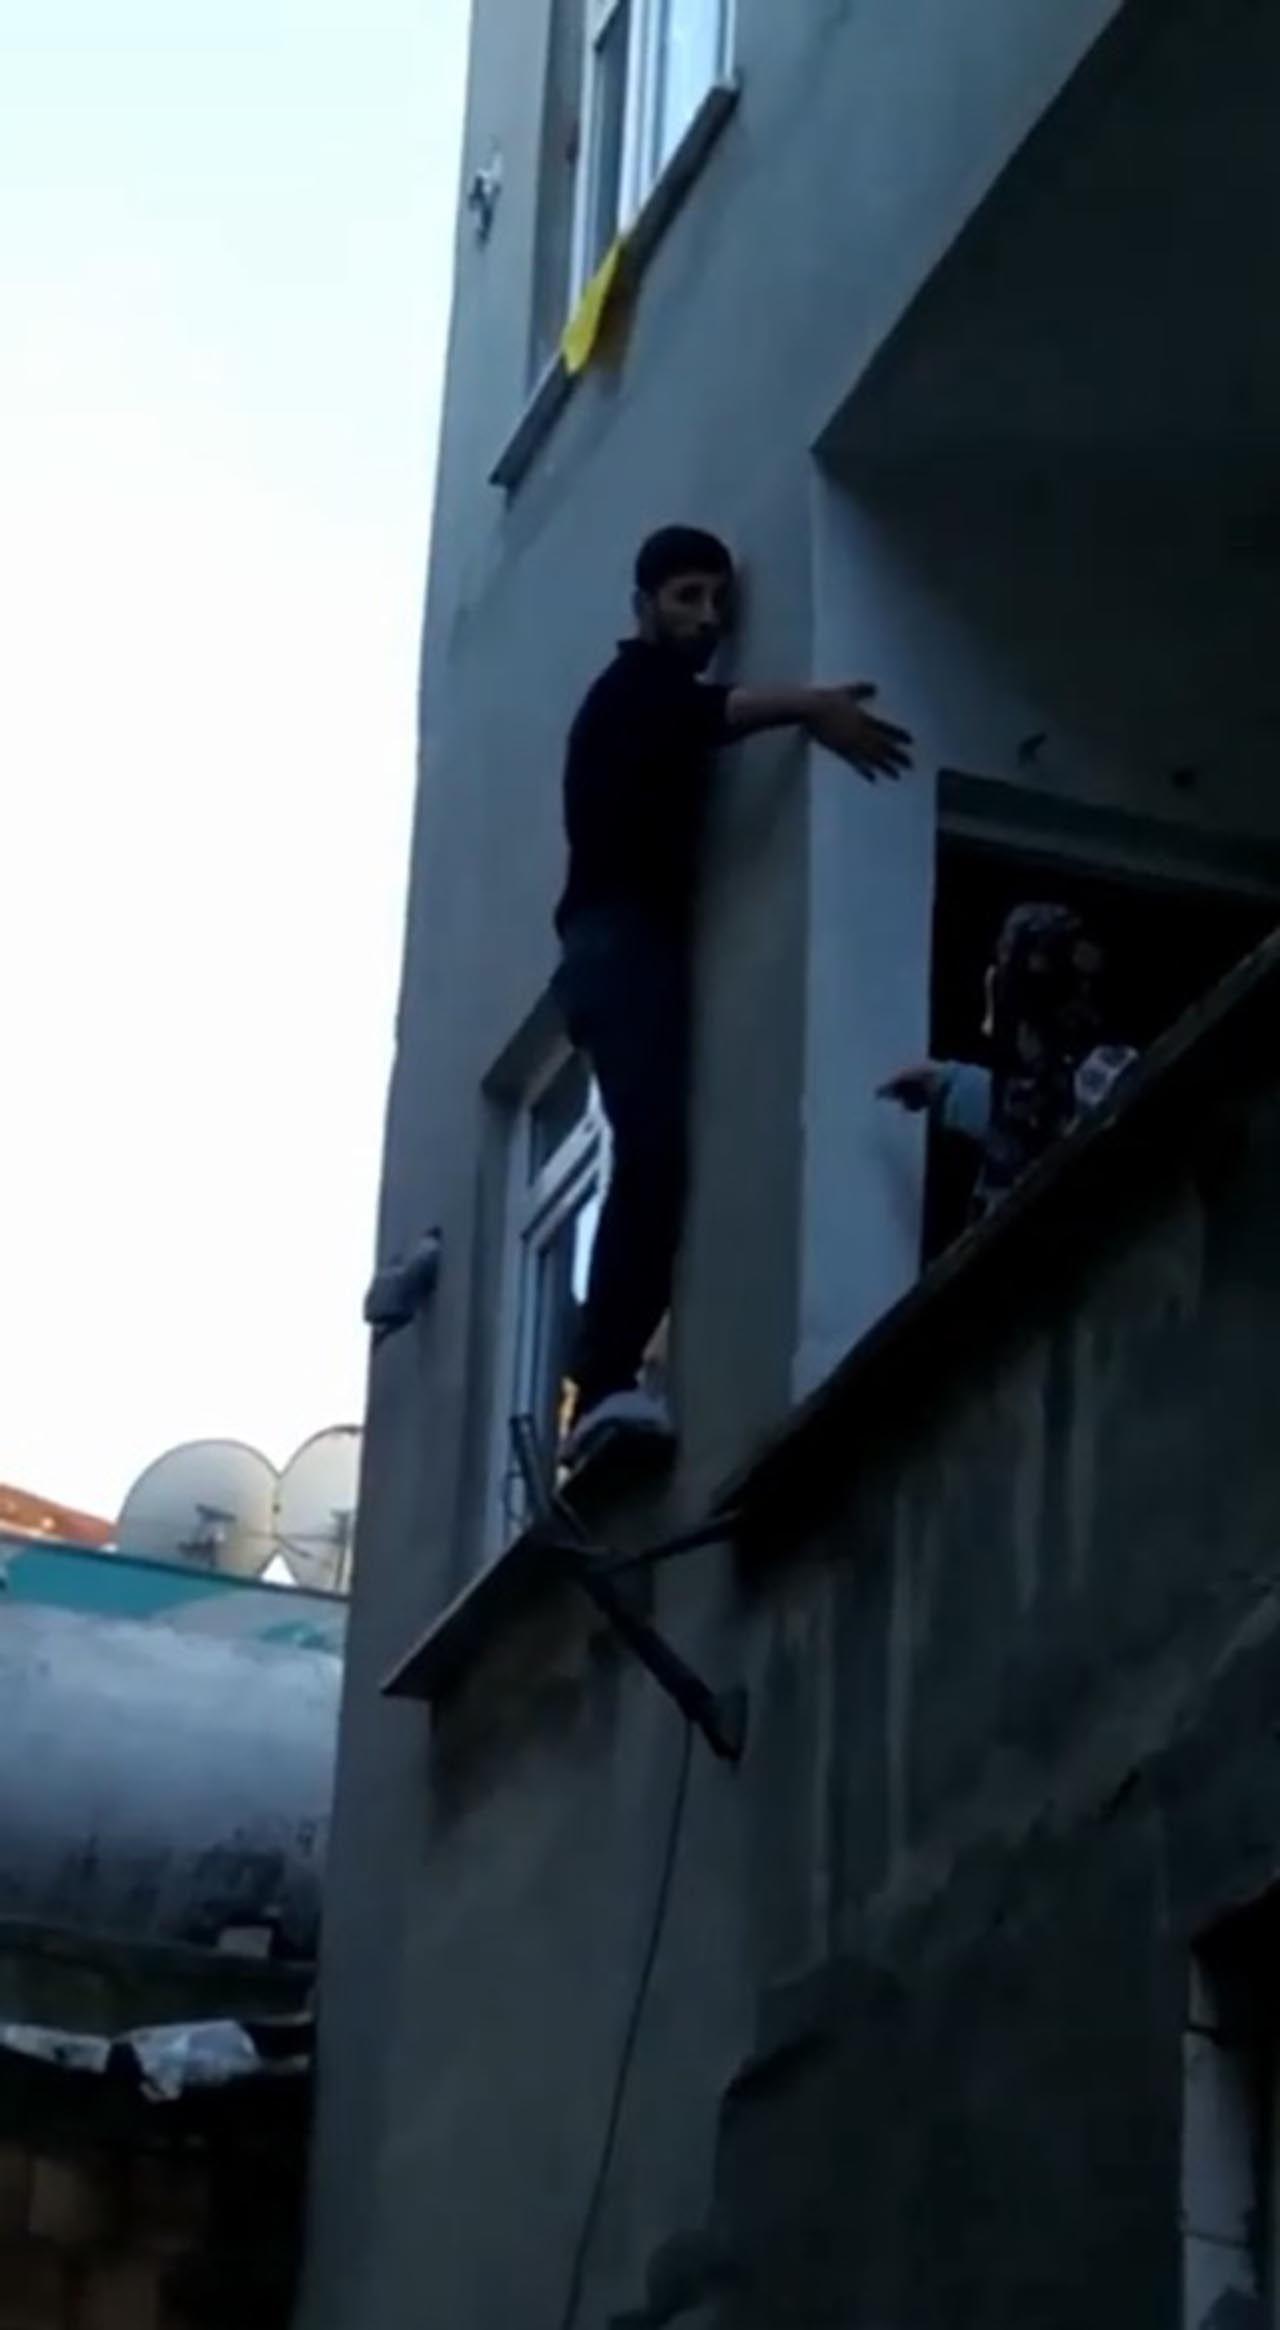 Pencerede mahsur kalan hırsız, bina sakinlerine yalvardı - Resim: 1